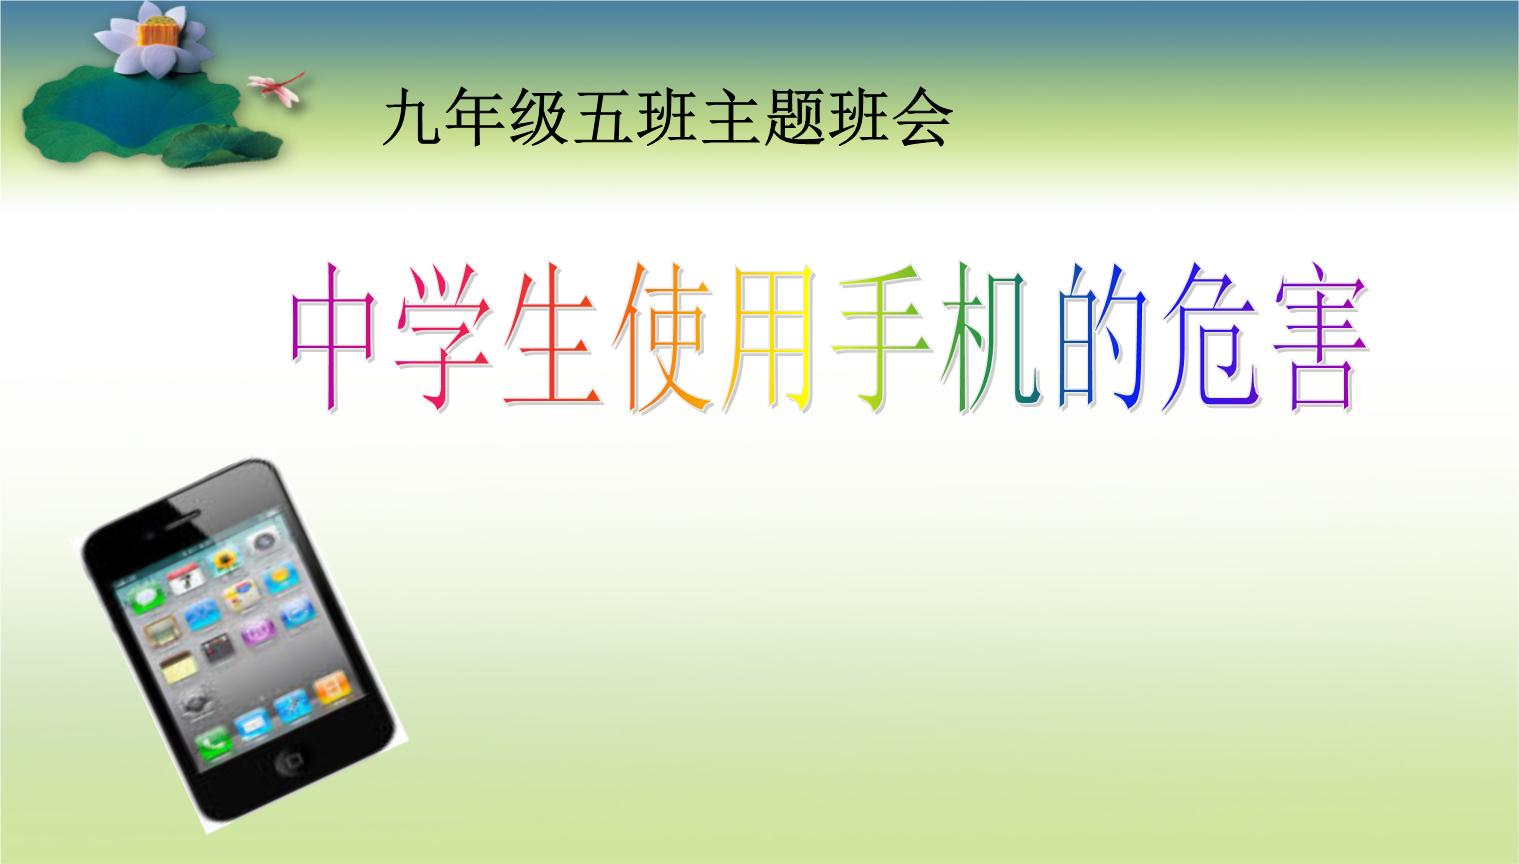 班主题班中学生危害课件使用手机.ppt图片初中女生奶图片